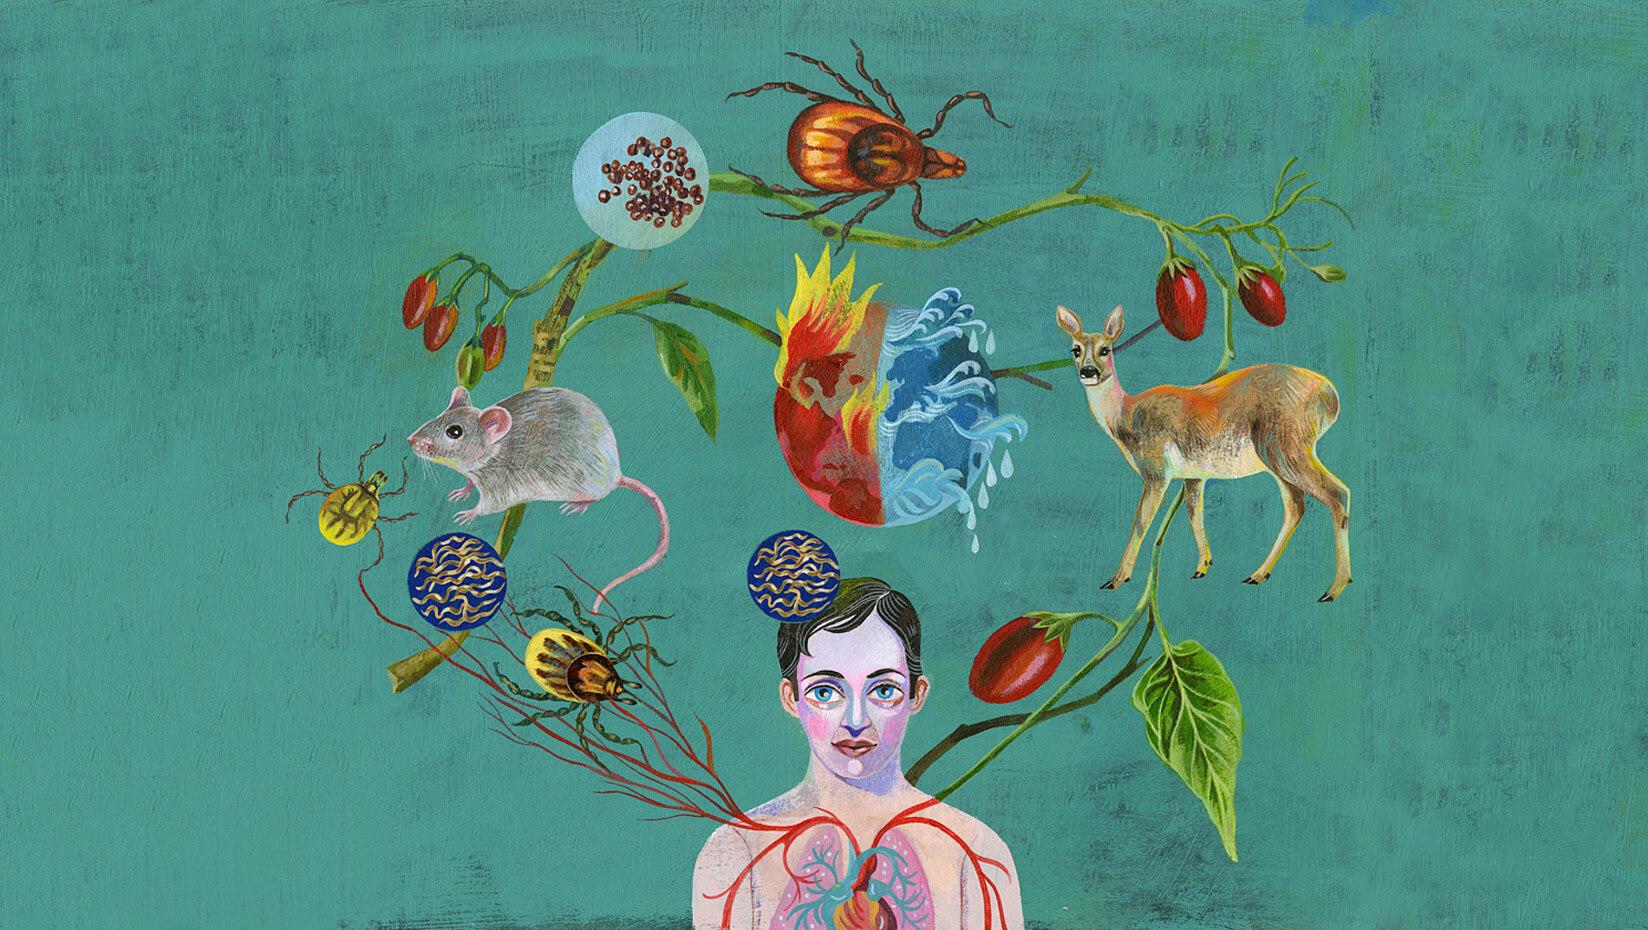 Lyme disease art